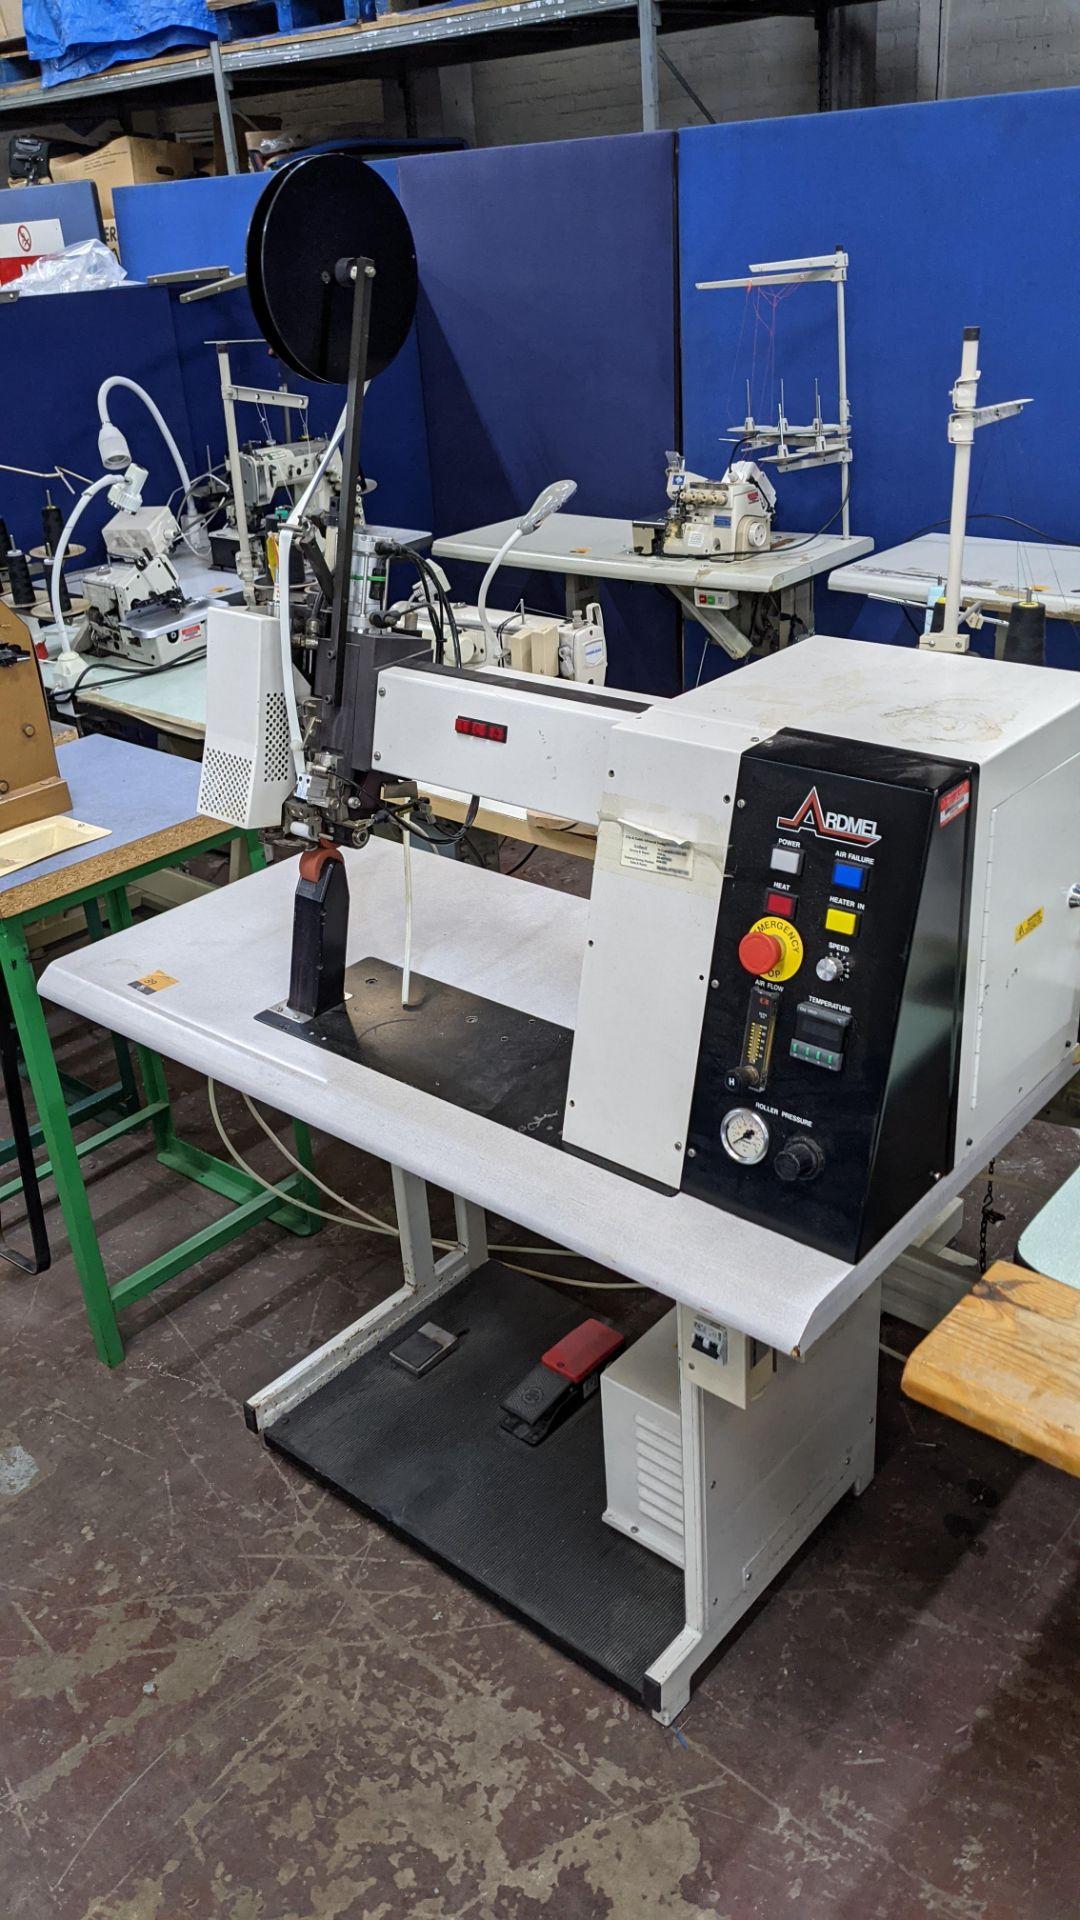 Ardmel seam sealing machine - Image 3 of 18